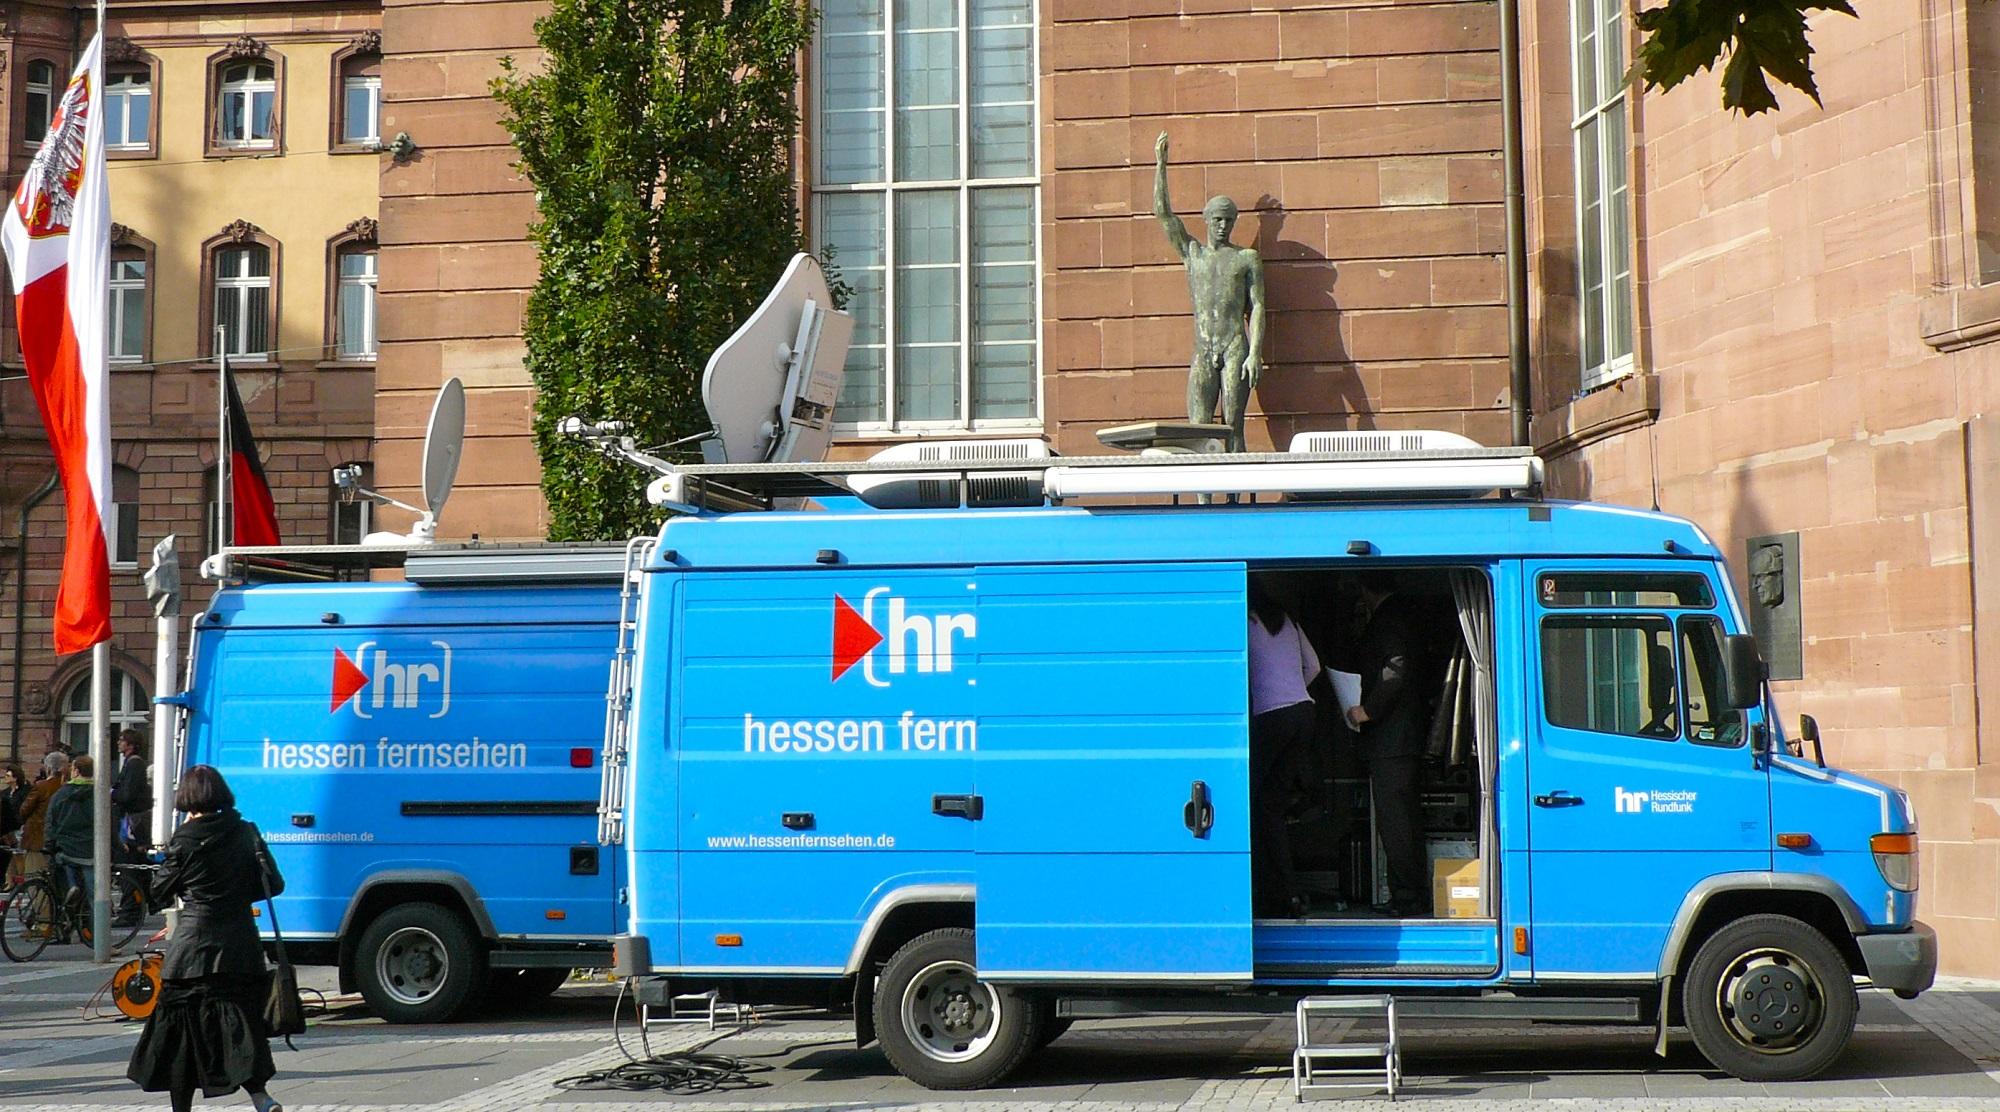 broadcast_van.JPG